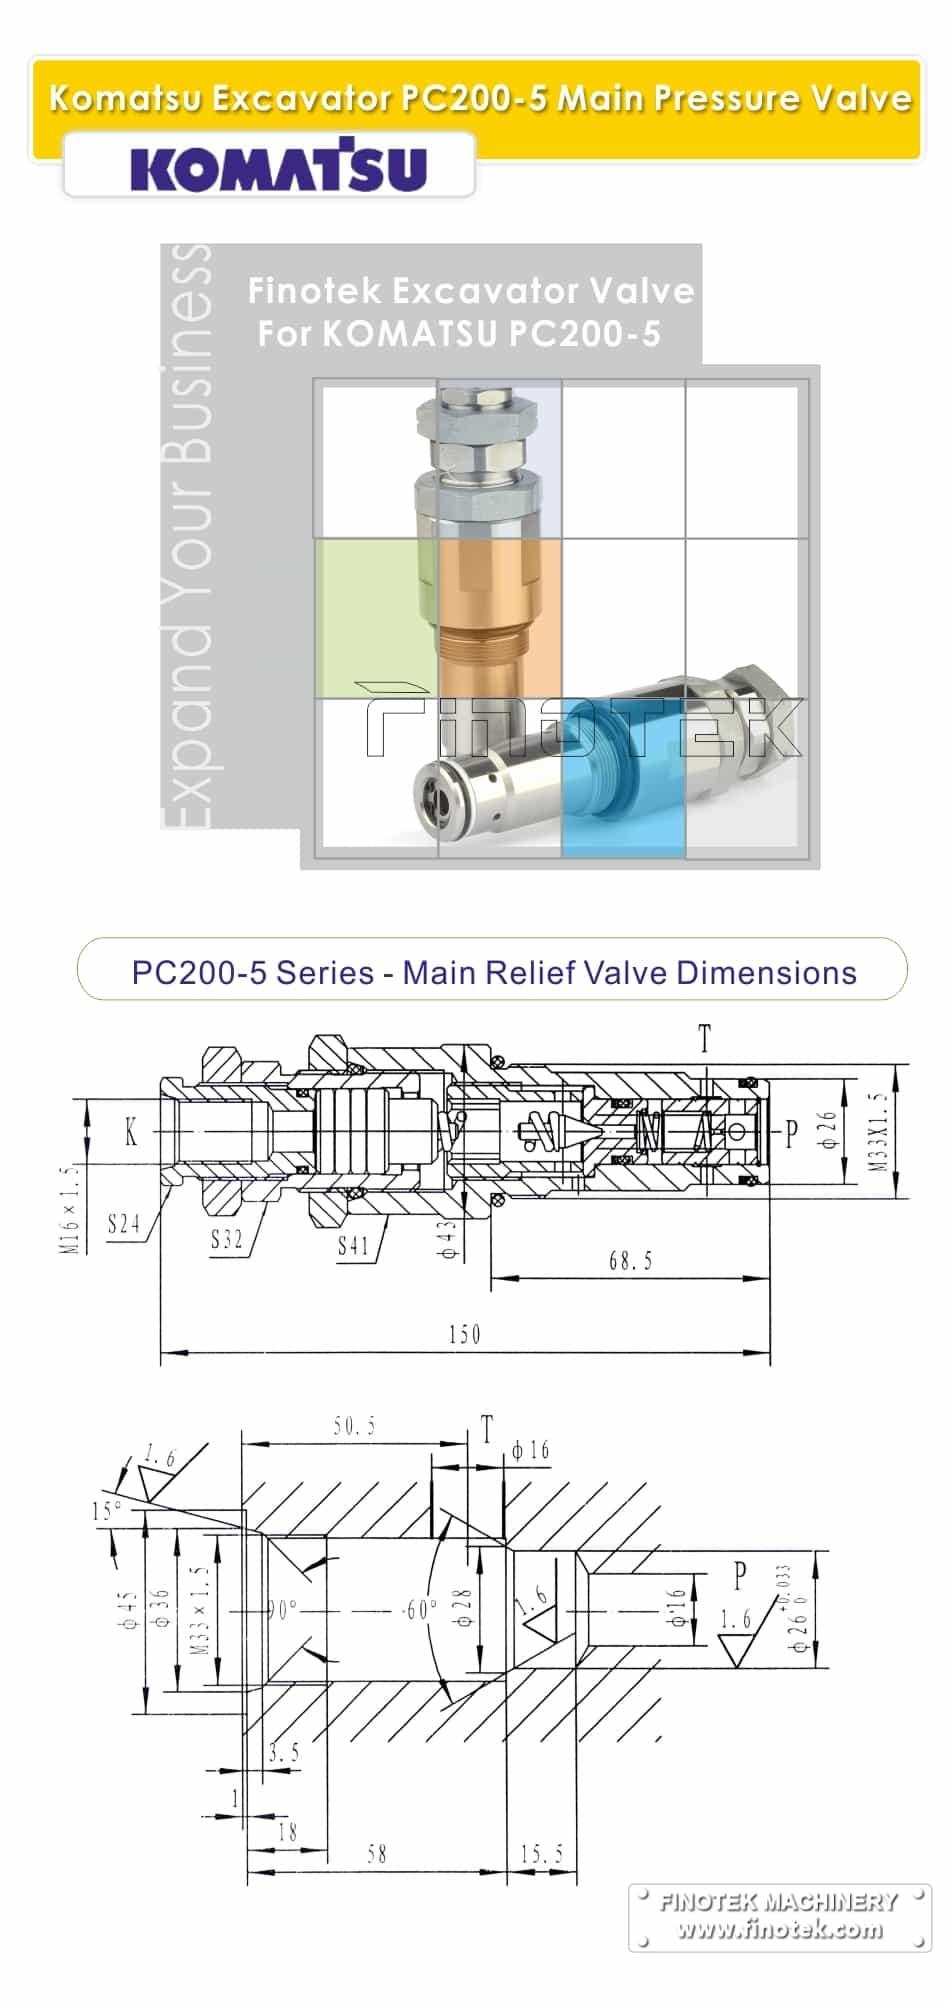 小松PC200-5ショベル圧力リリーフコントロールバルブ寸法